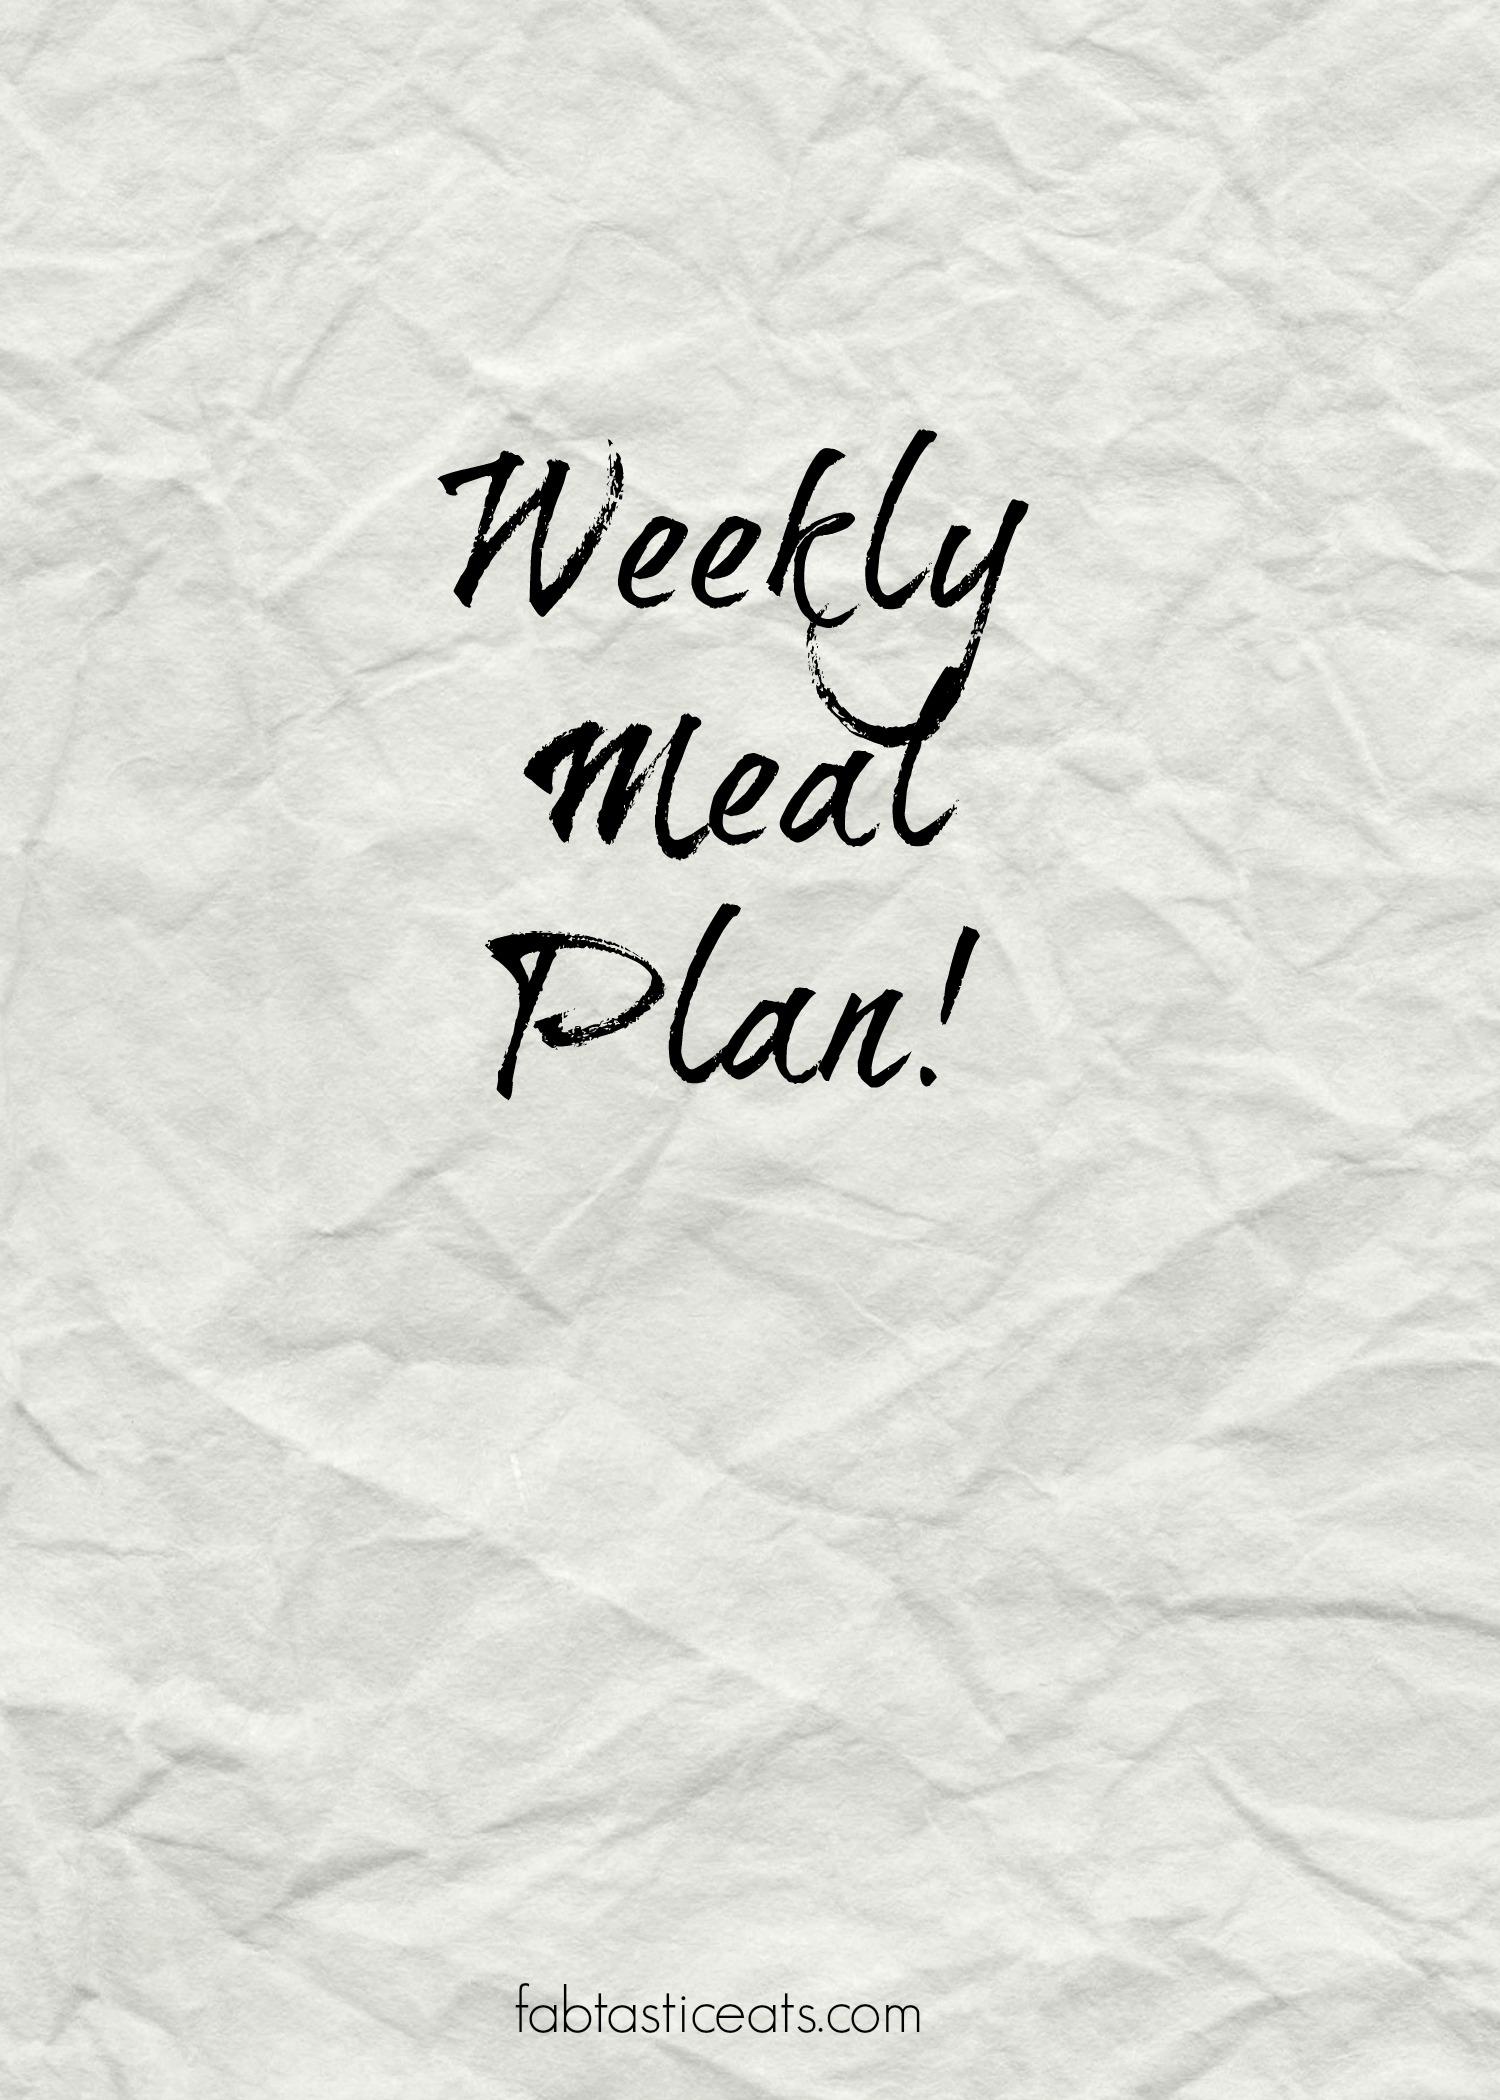 Weekly Meal Plan   Fabtastic Eats